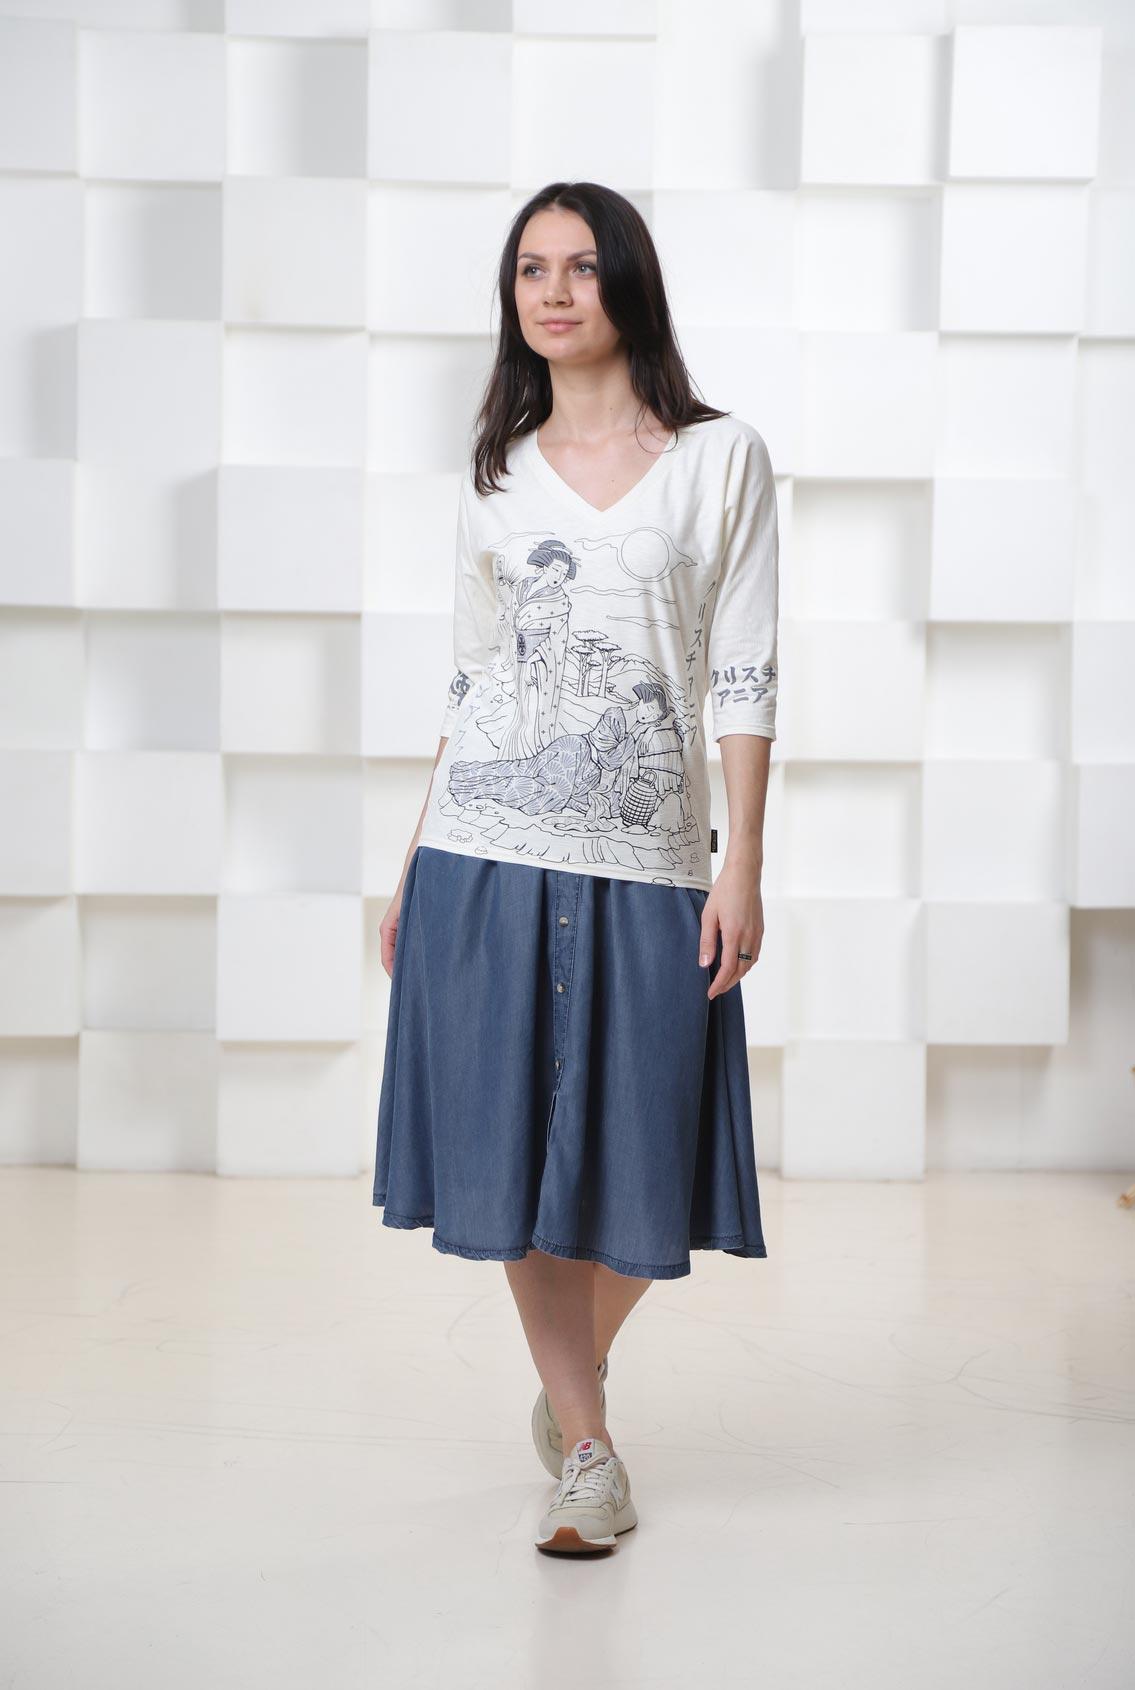 Христианская одежда, Christian clothes